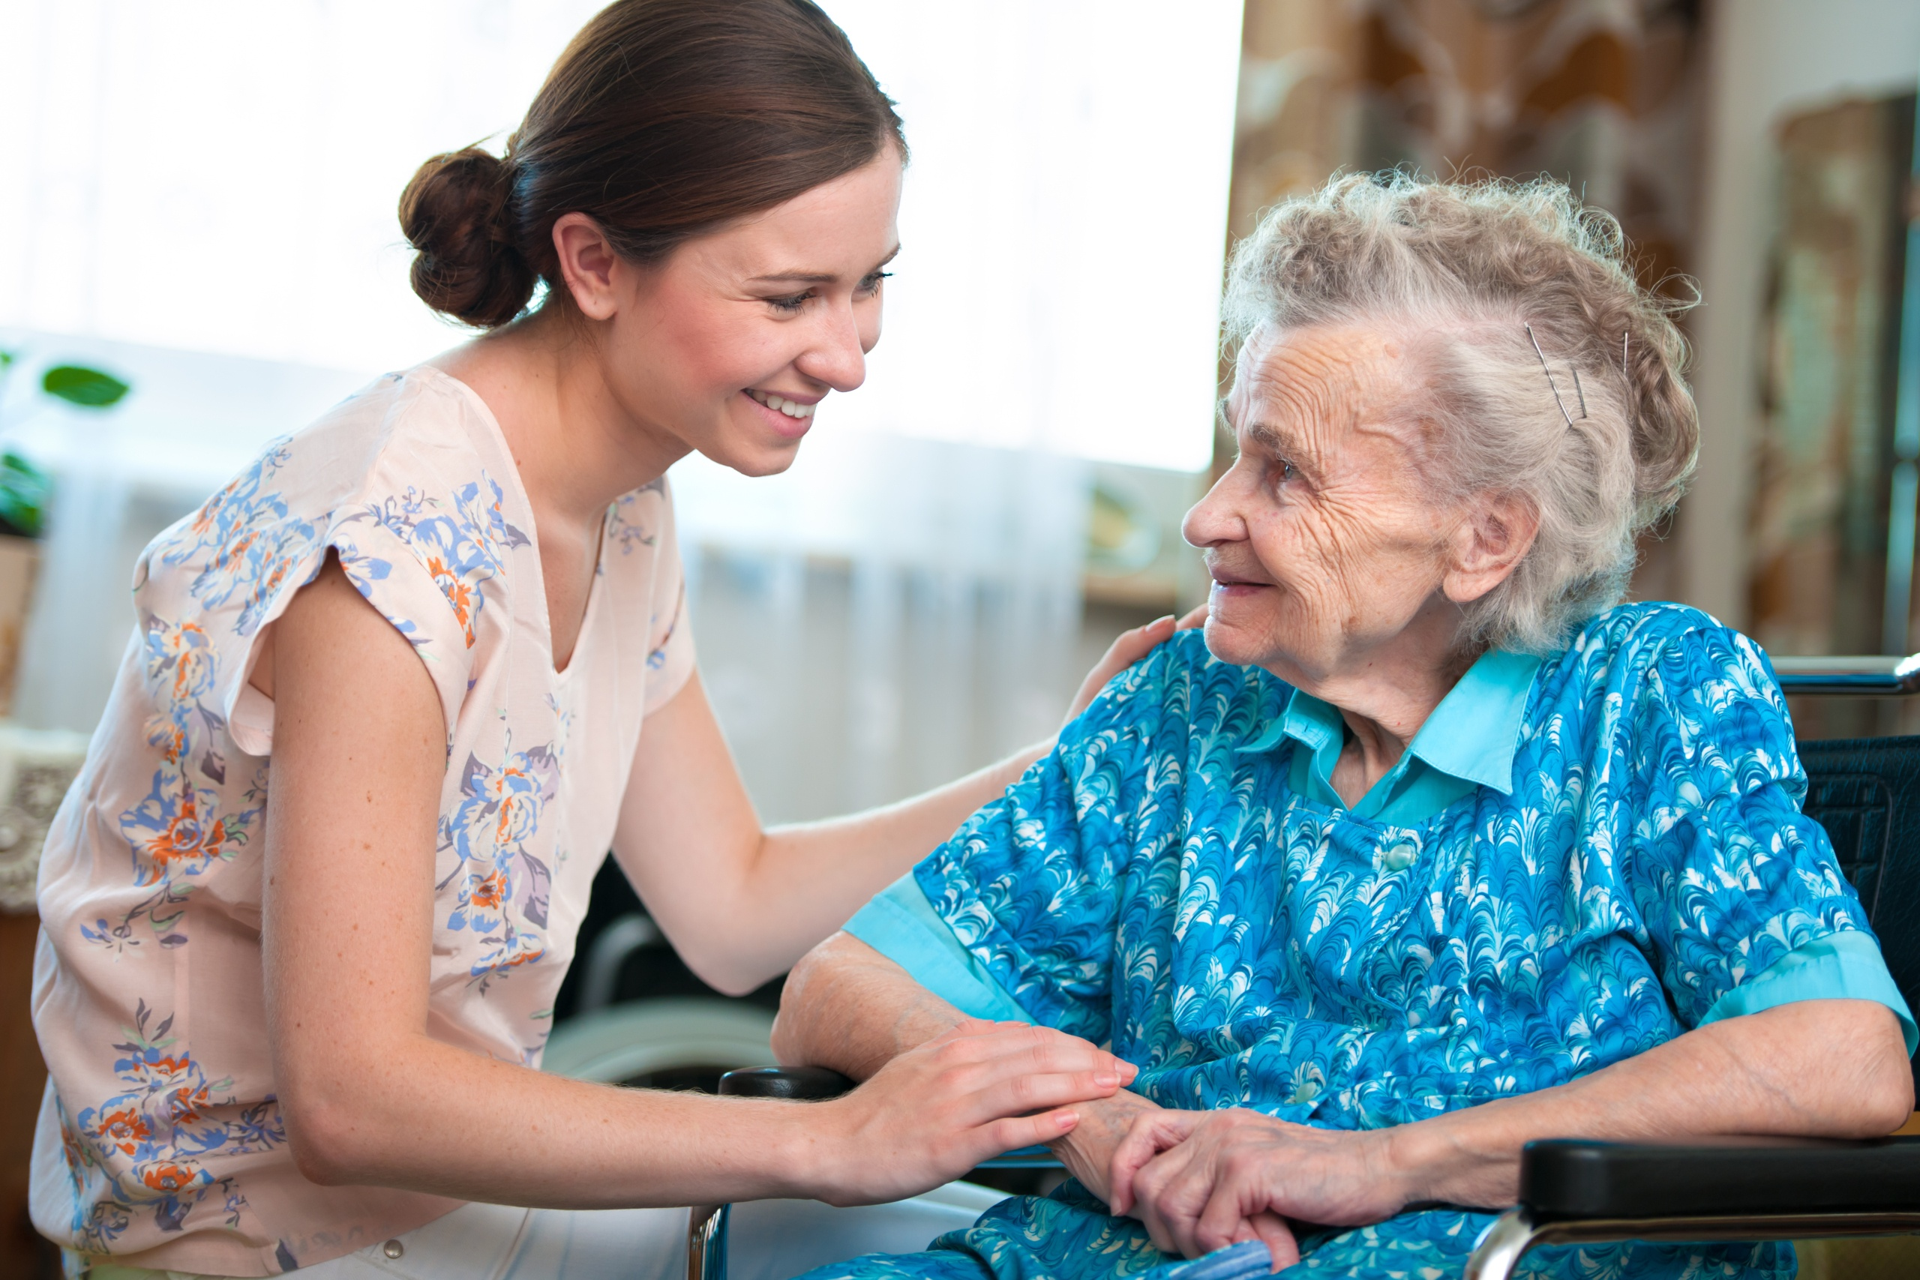 Seniorin bekommt häusliche Zuwendung von junger Frau